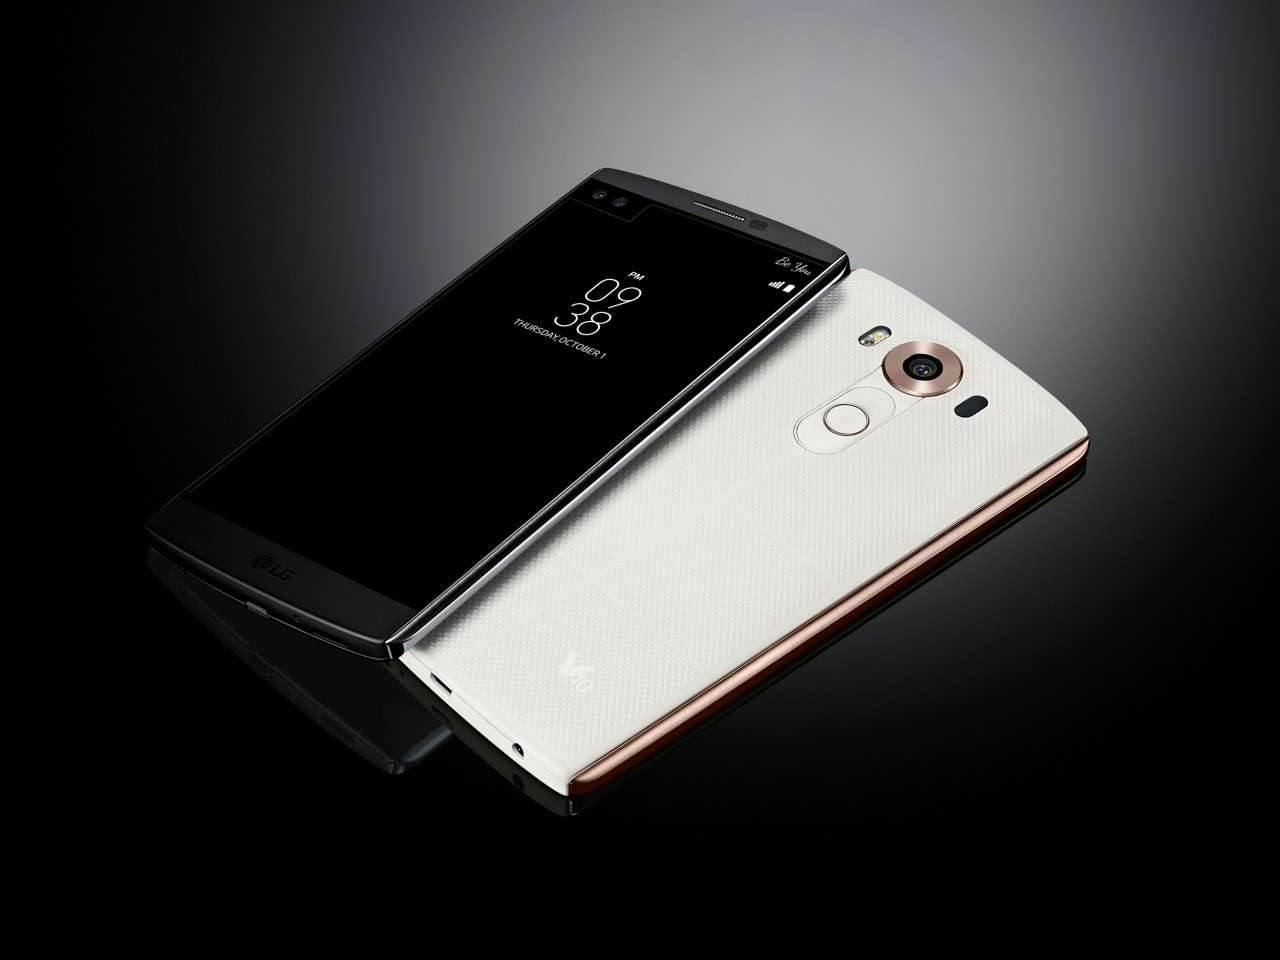 LG-V10-04-1280x960